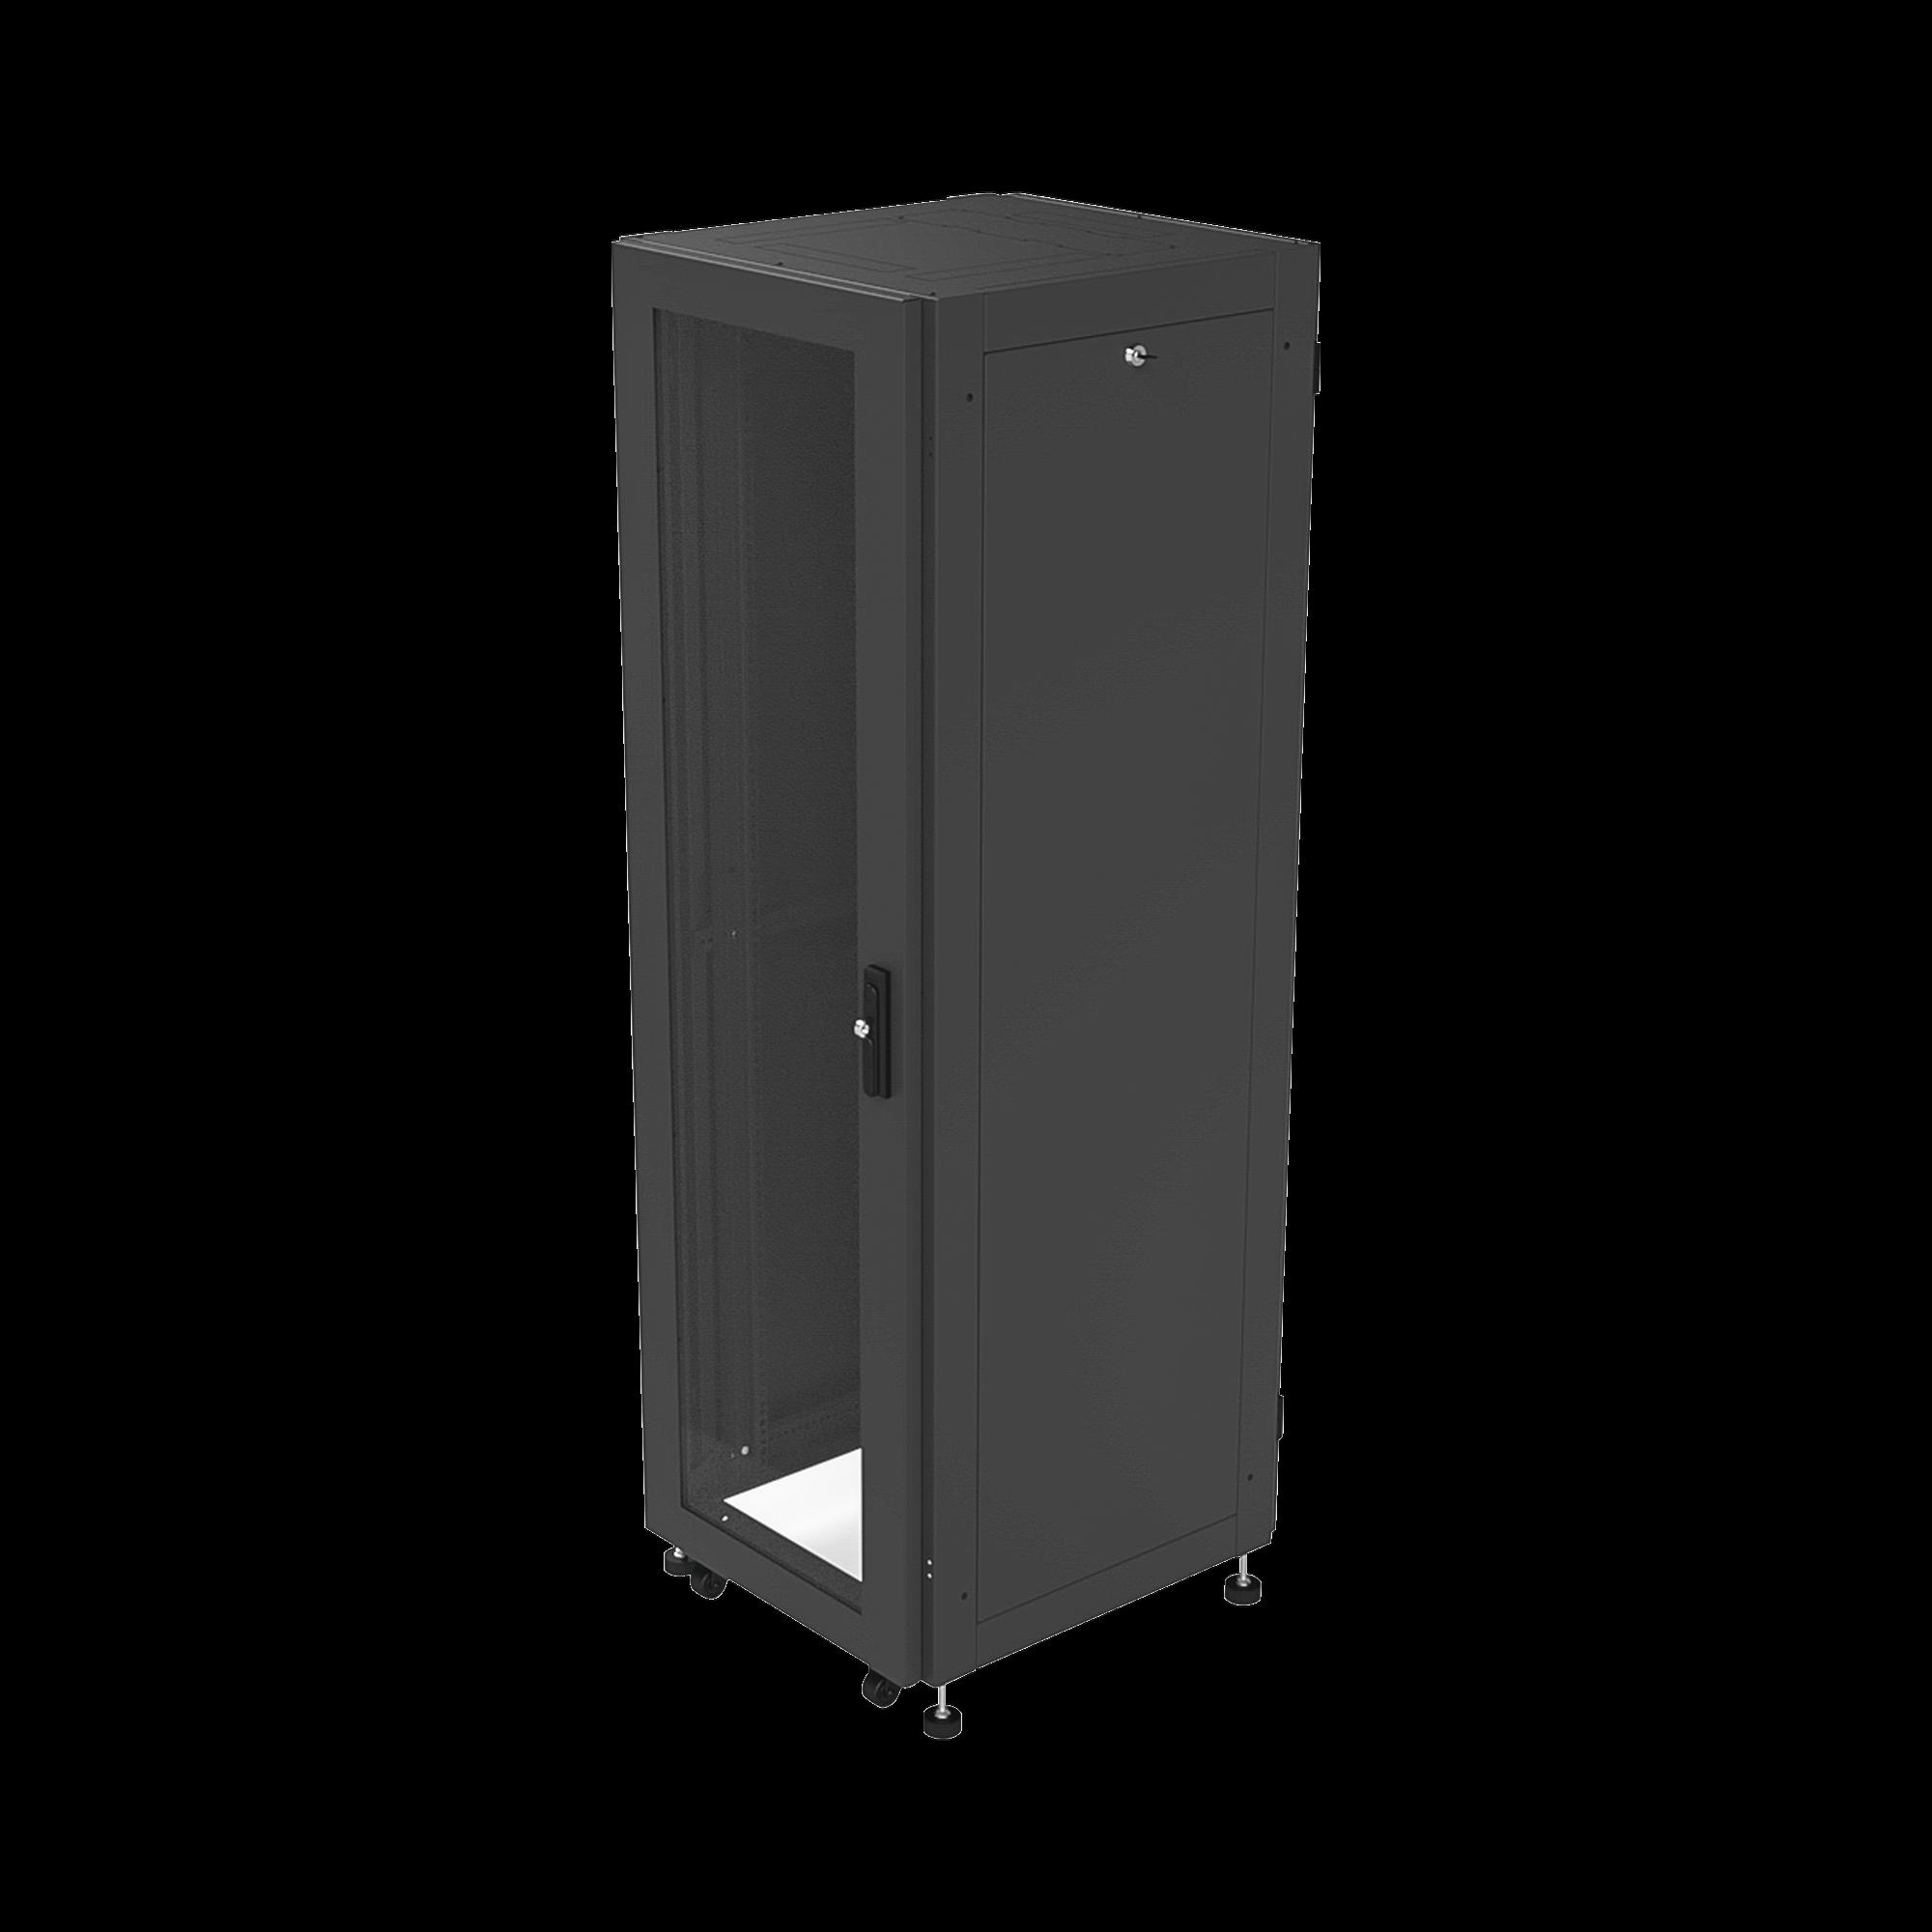 Gabinete Profesional para Telecomunicaciones de 37UR, 600 mm de Ancho x 600 mm Profundidad.